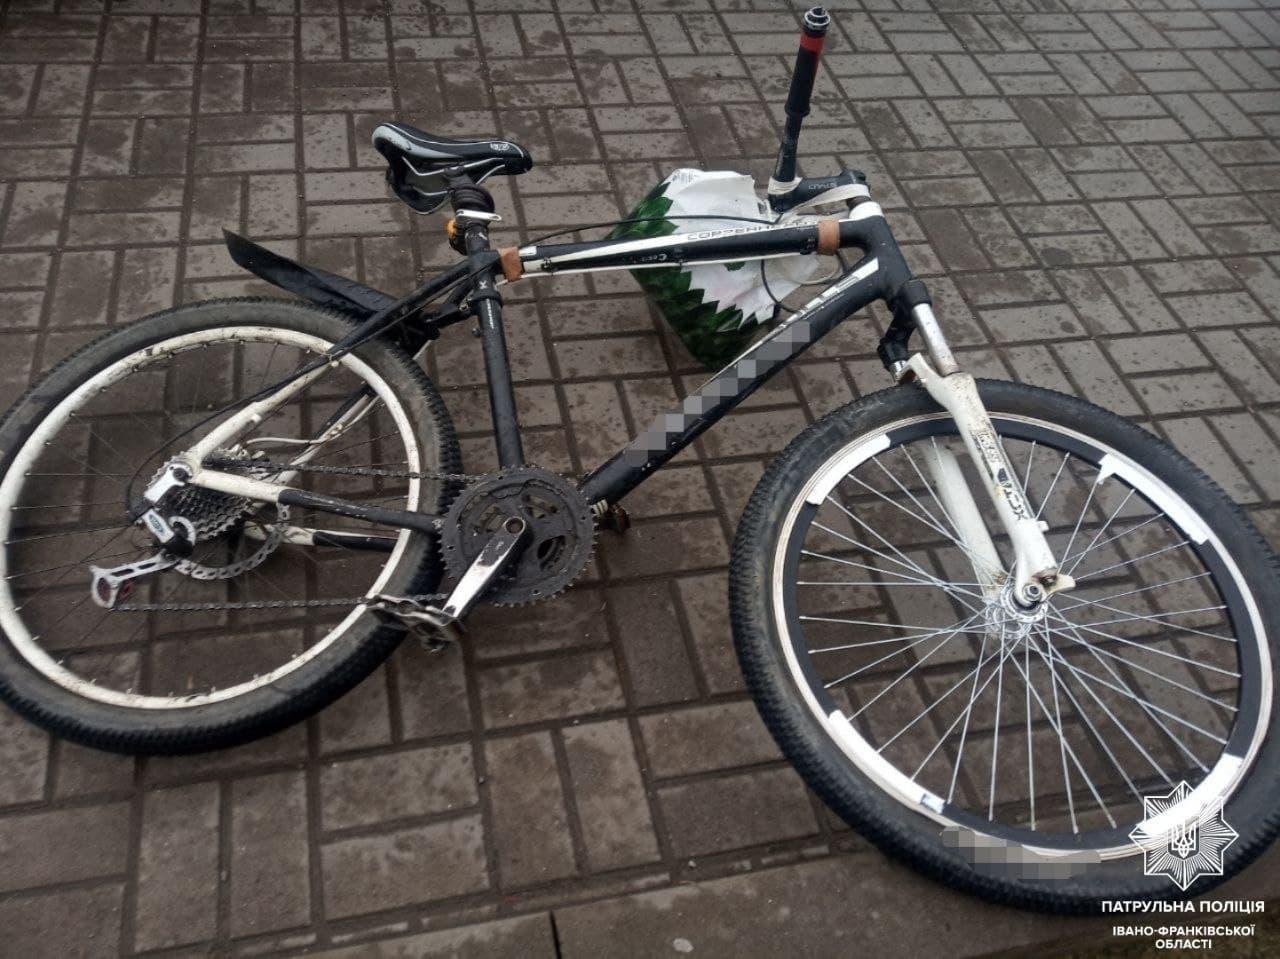 """У Франківську поліціянти влаштували погоню за небезпечним велосипедистом: в останнього знайшли """"білу речовину"""""""